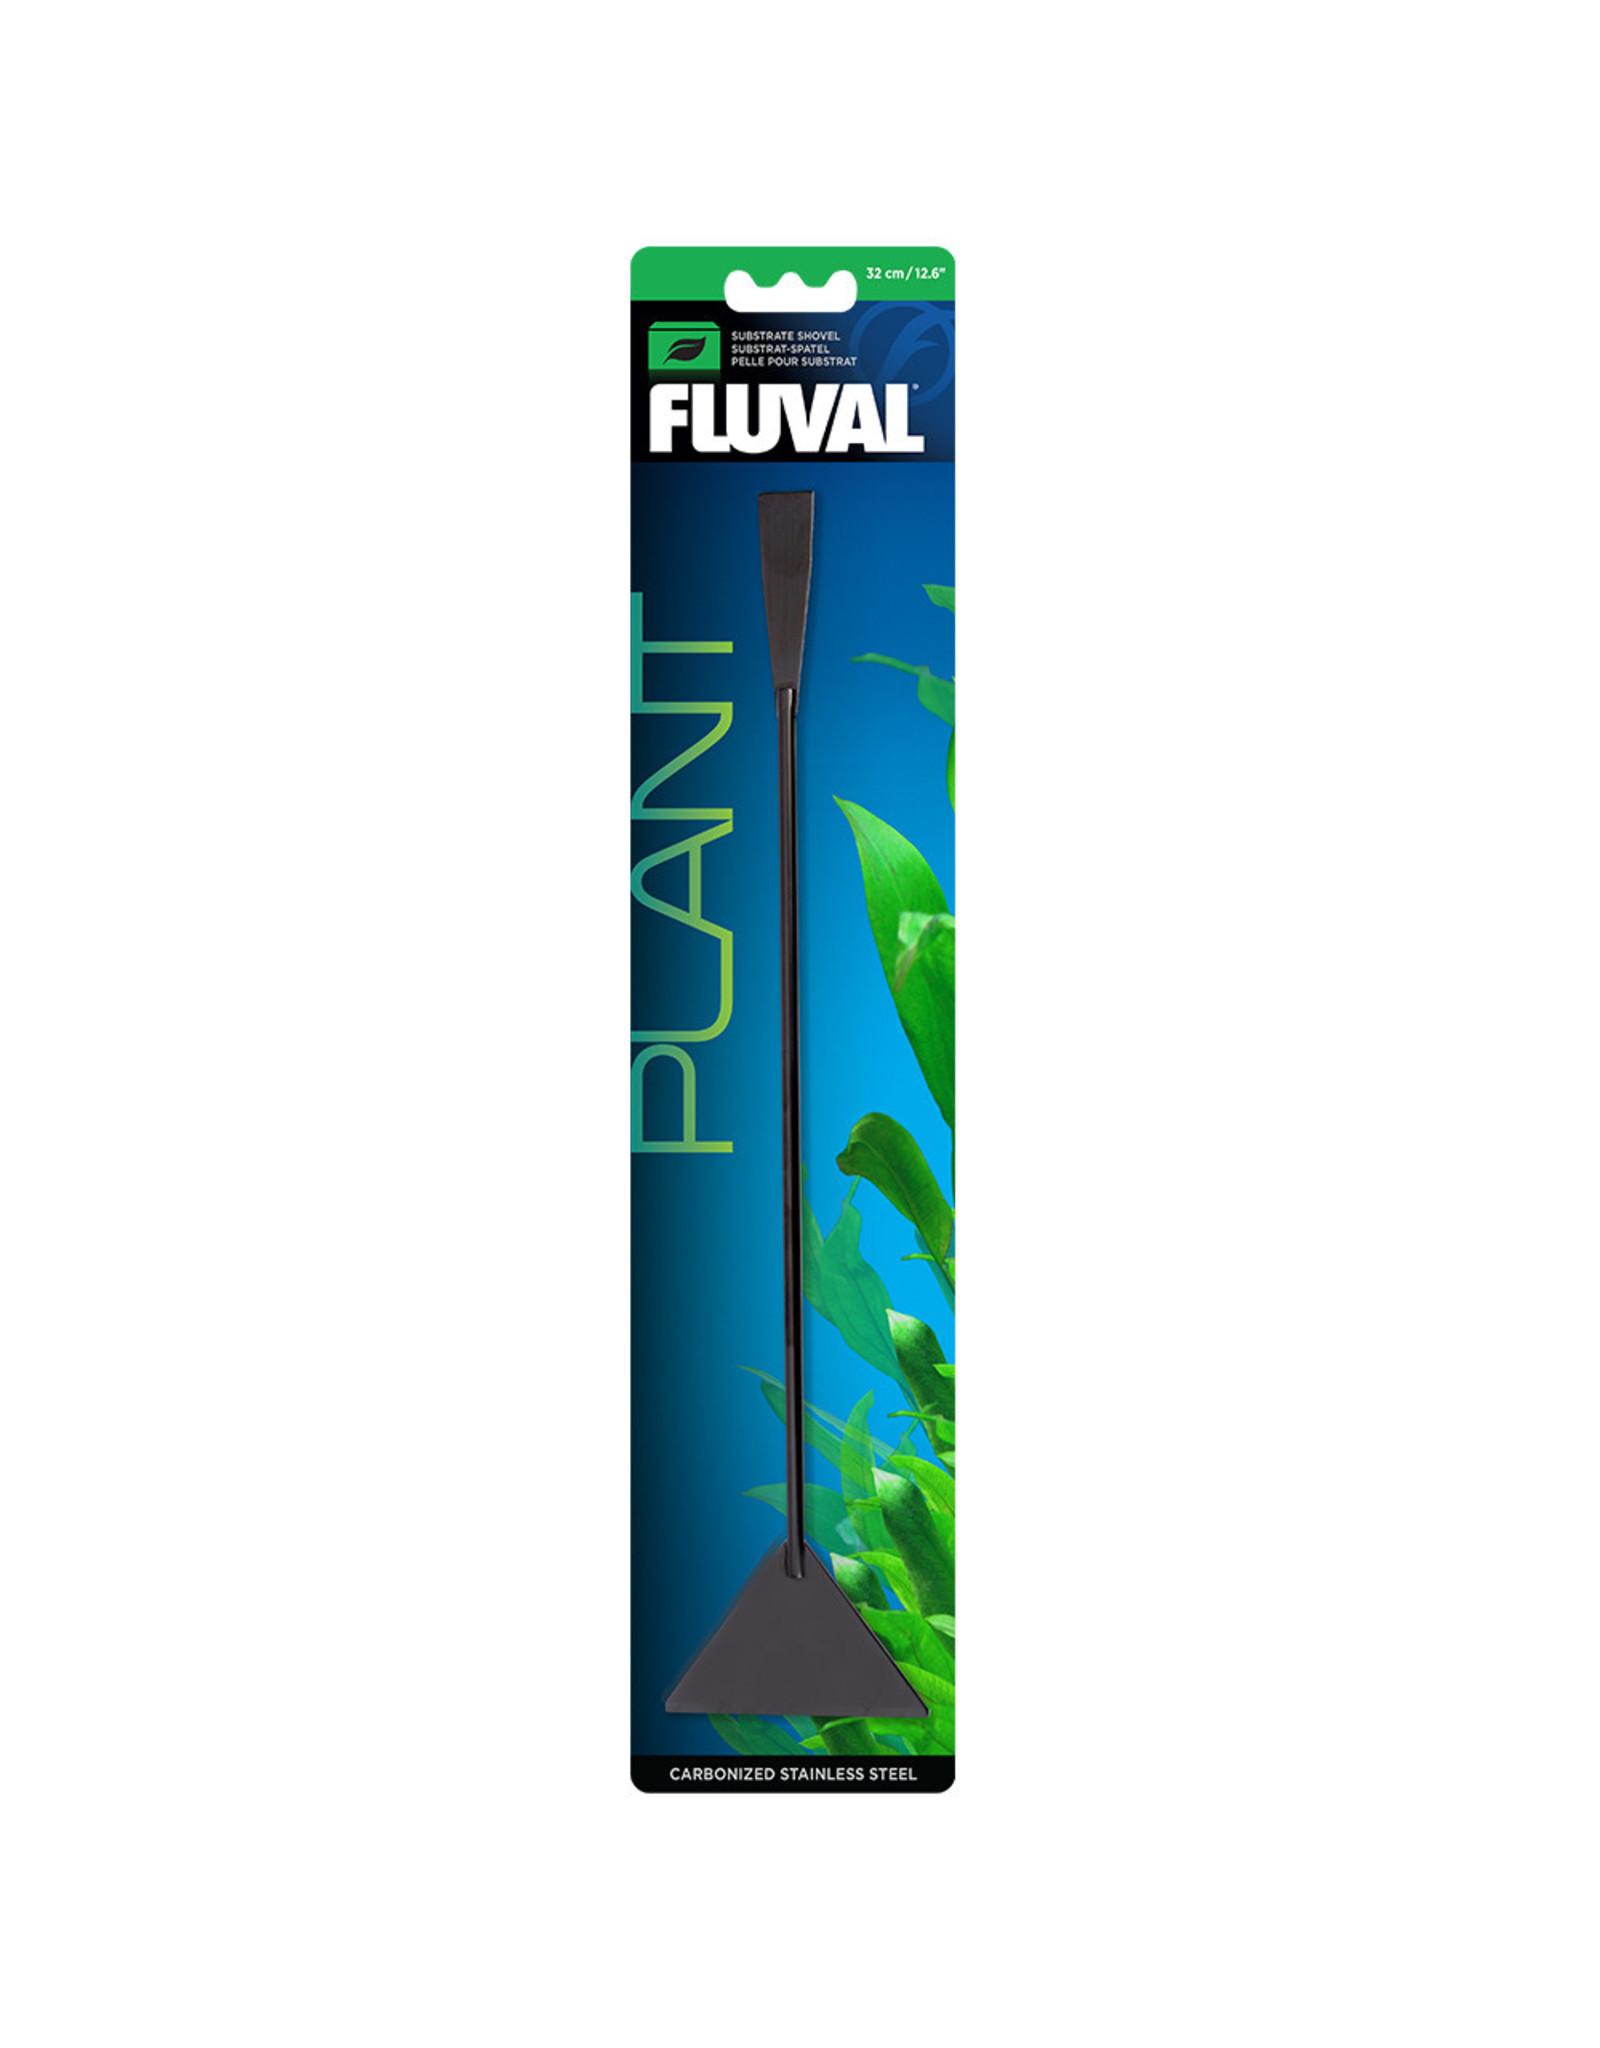 Fluval Fluval Substrate Shovel - 32 cm (12.6 in)